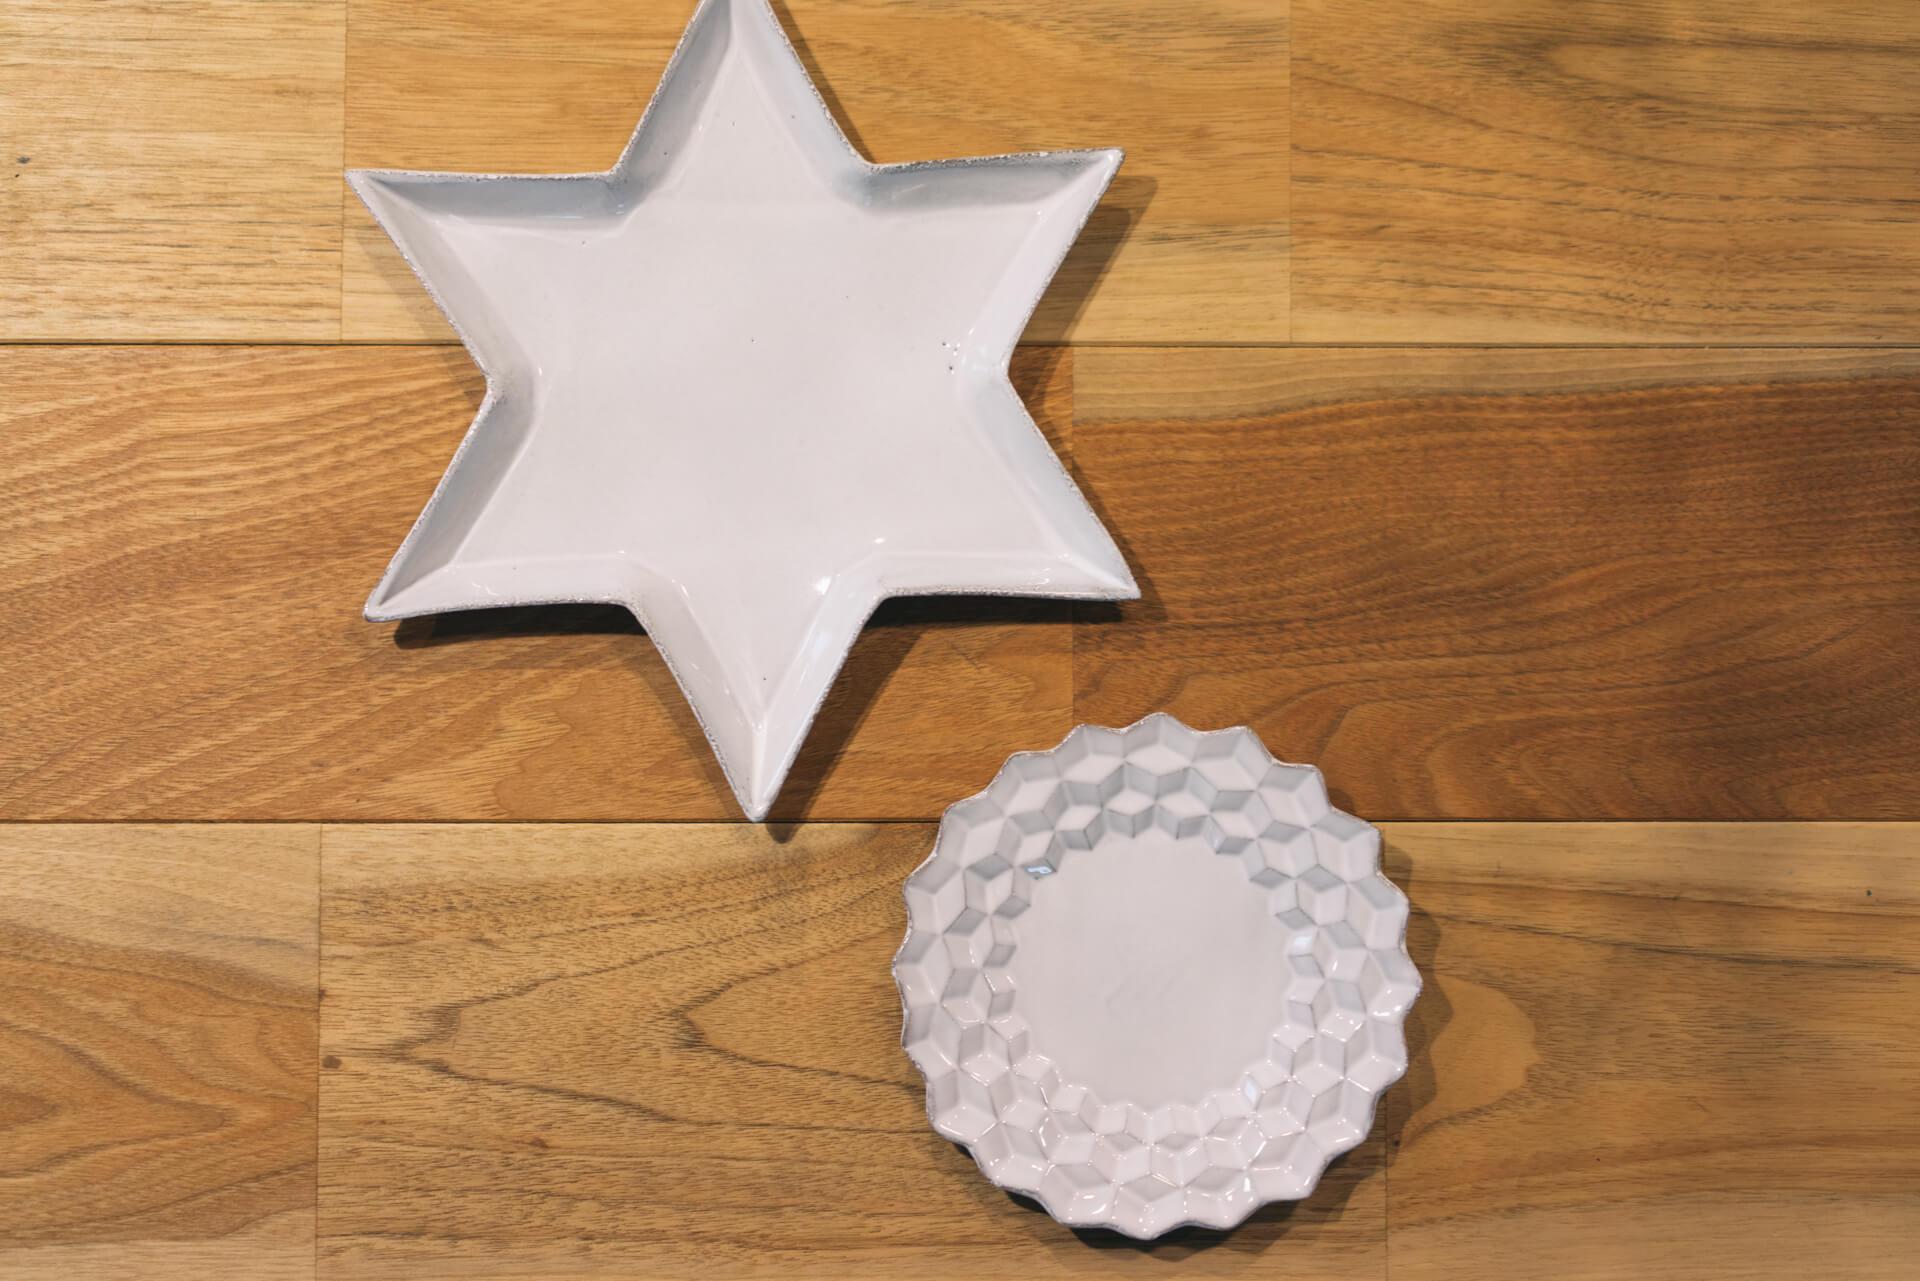 H.P.DECO で購入したアスティエ・ド・ヴィラットの白い陶器は、いつも立てて飾っているお気に入り。